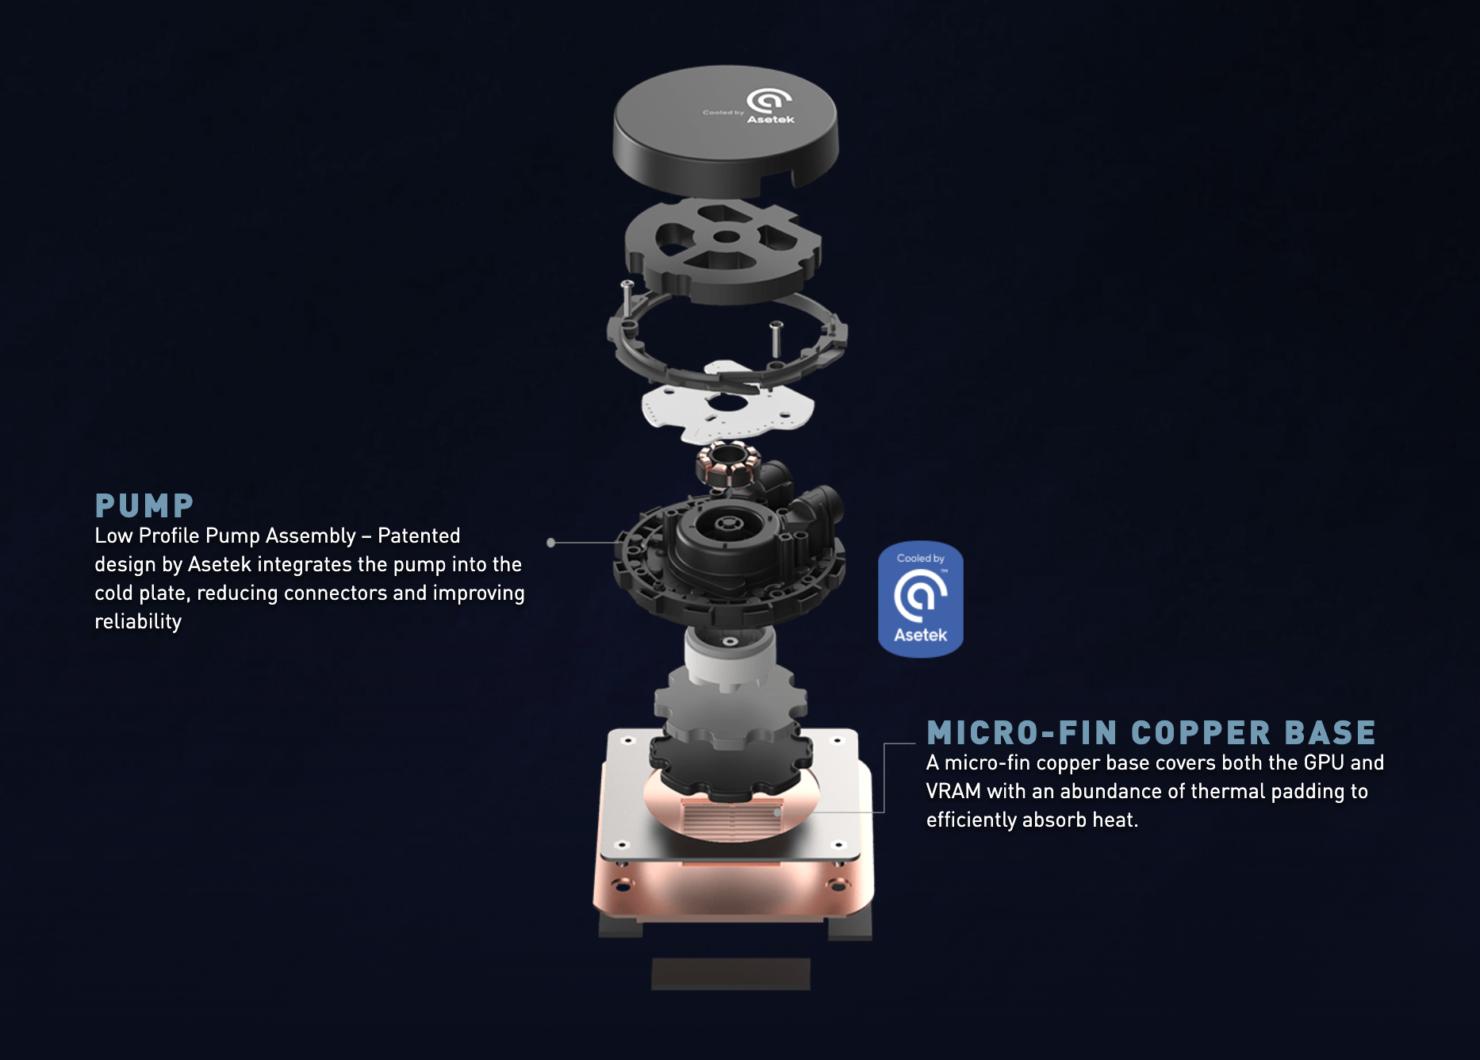 ASETEK Pump Description